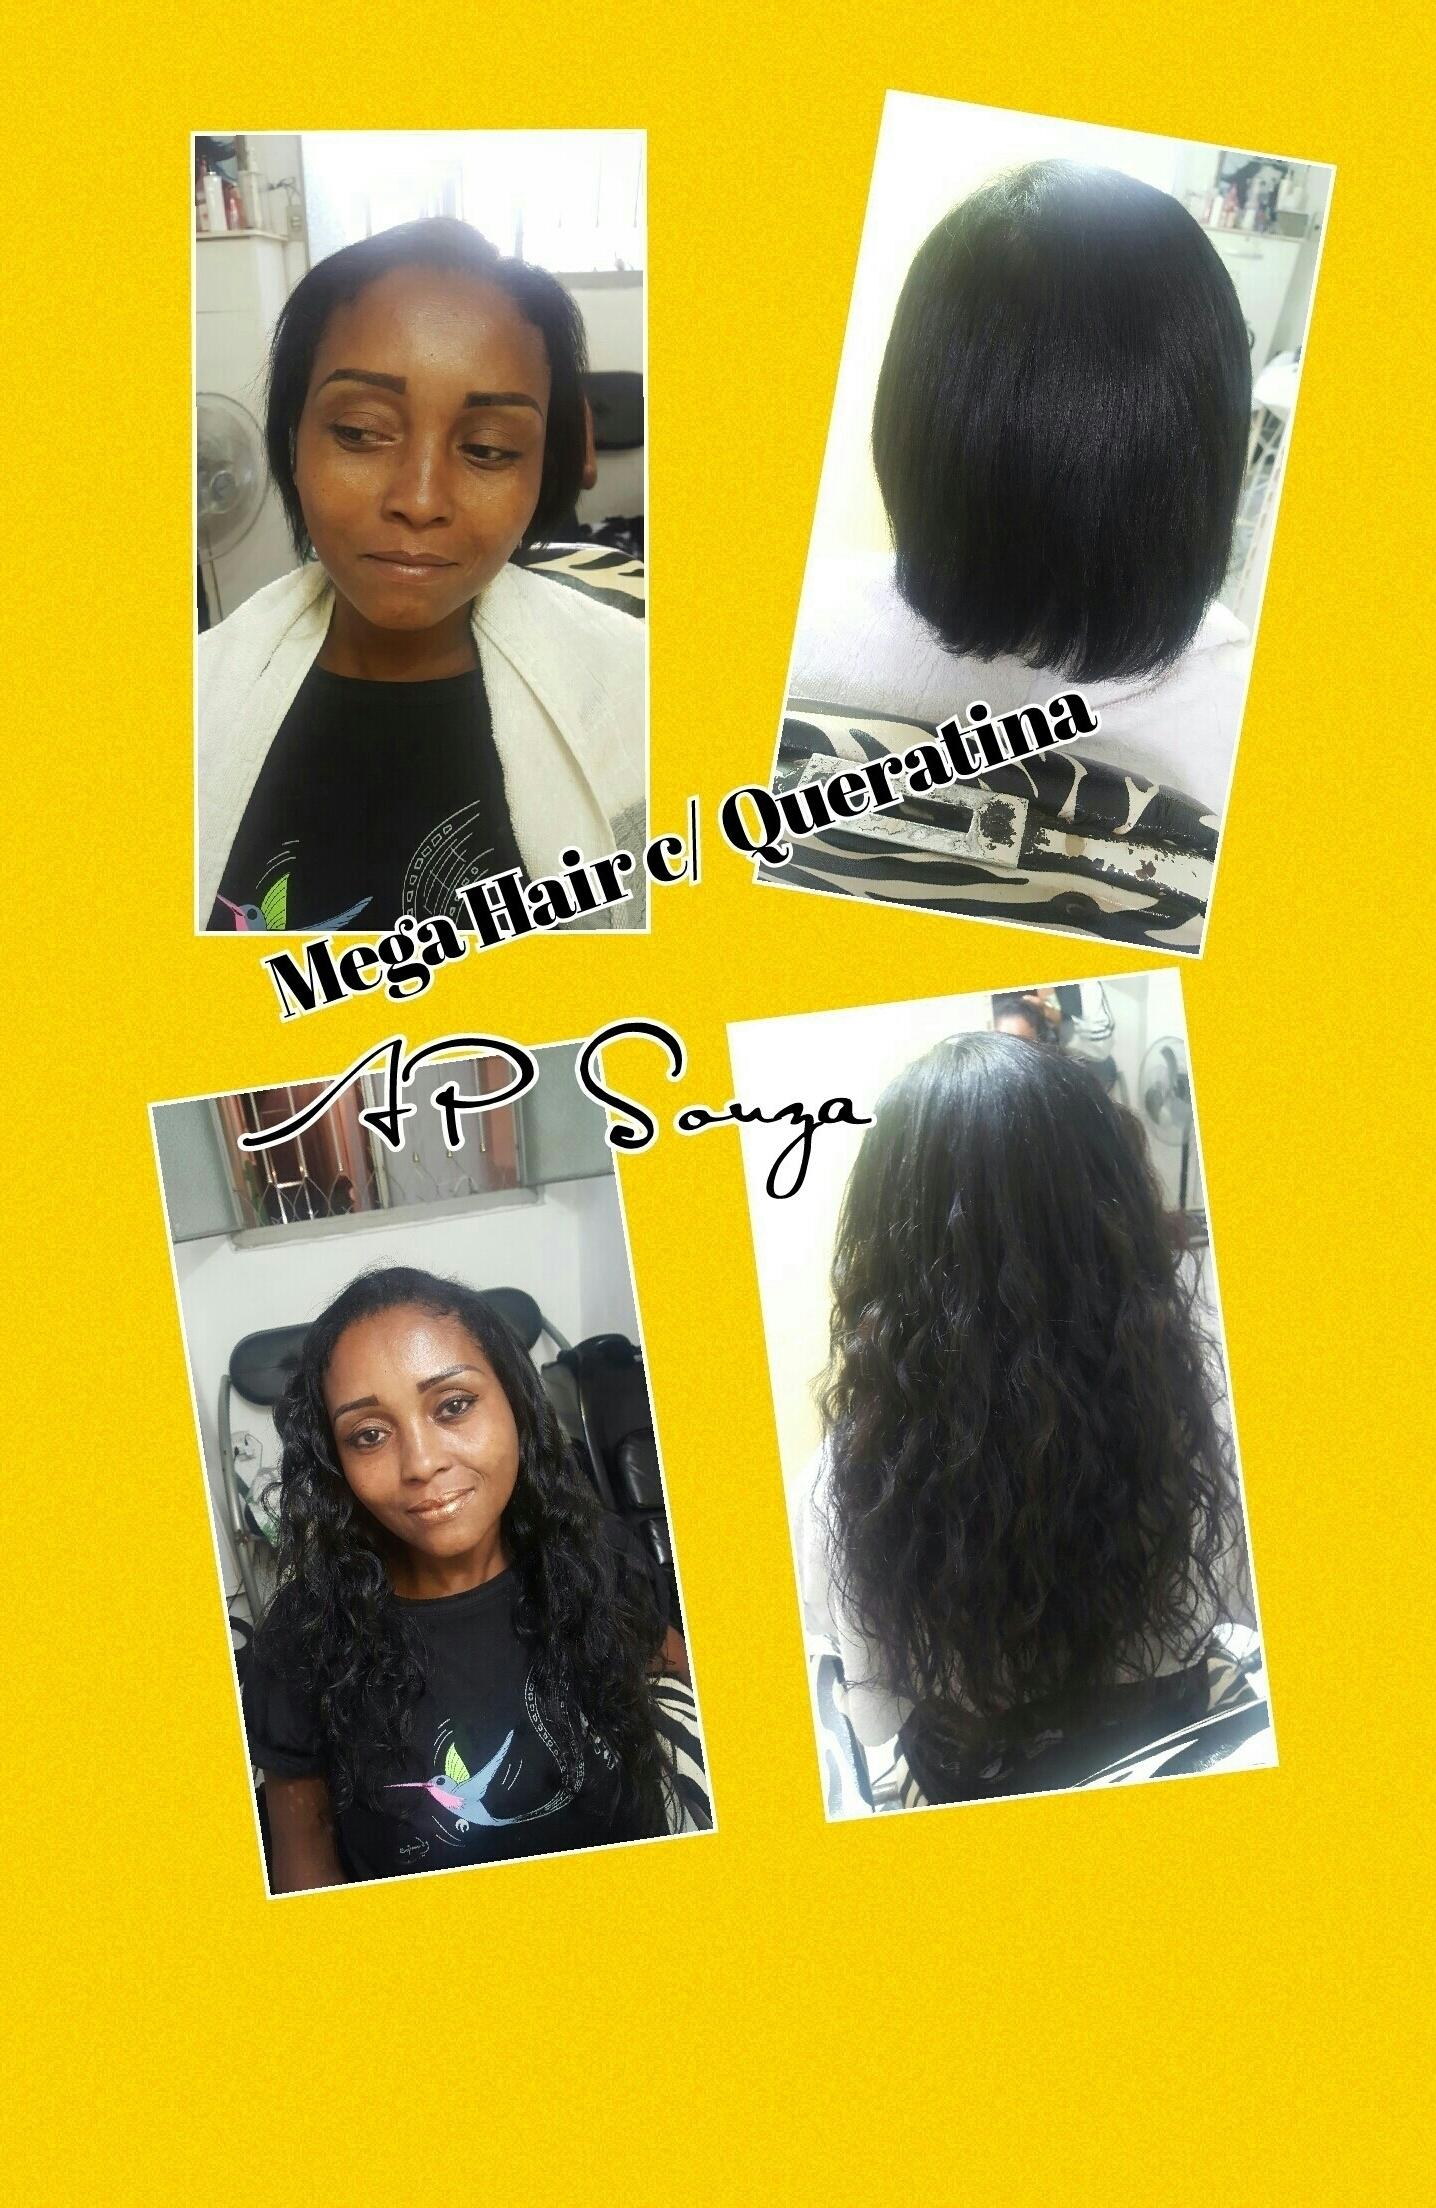 cabelo dermopigmentador(a) depilador(a) docente / professor(a)